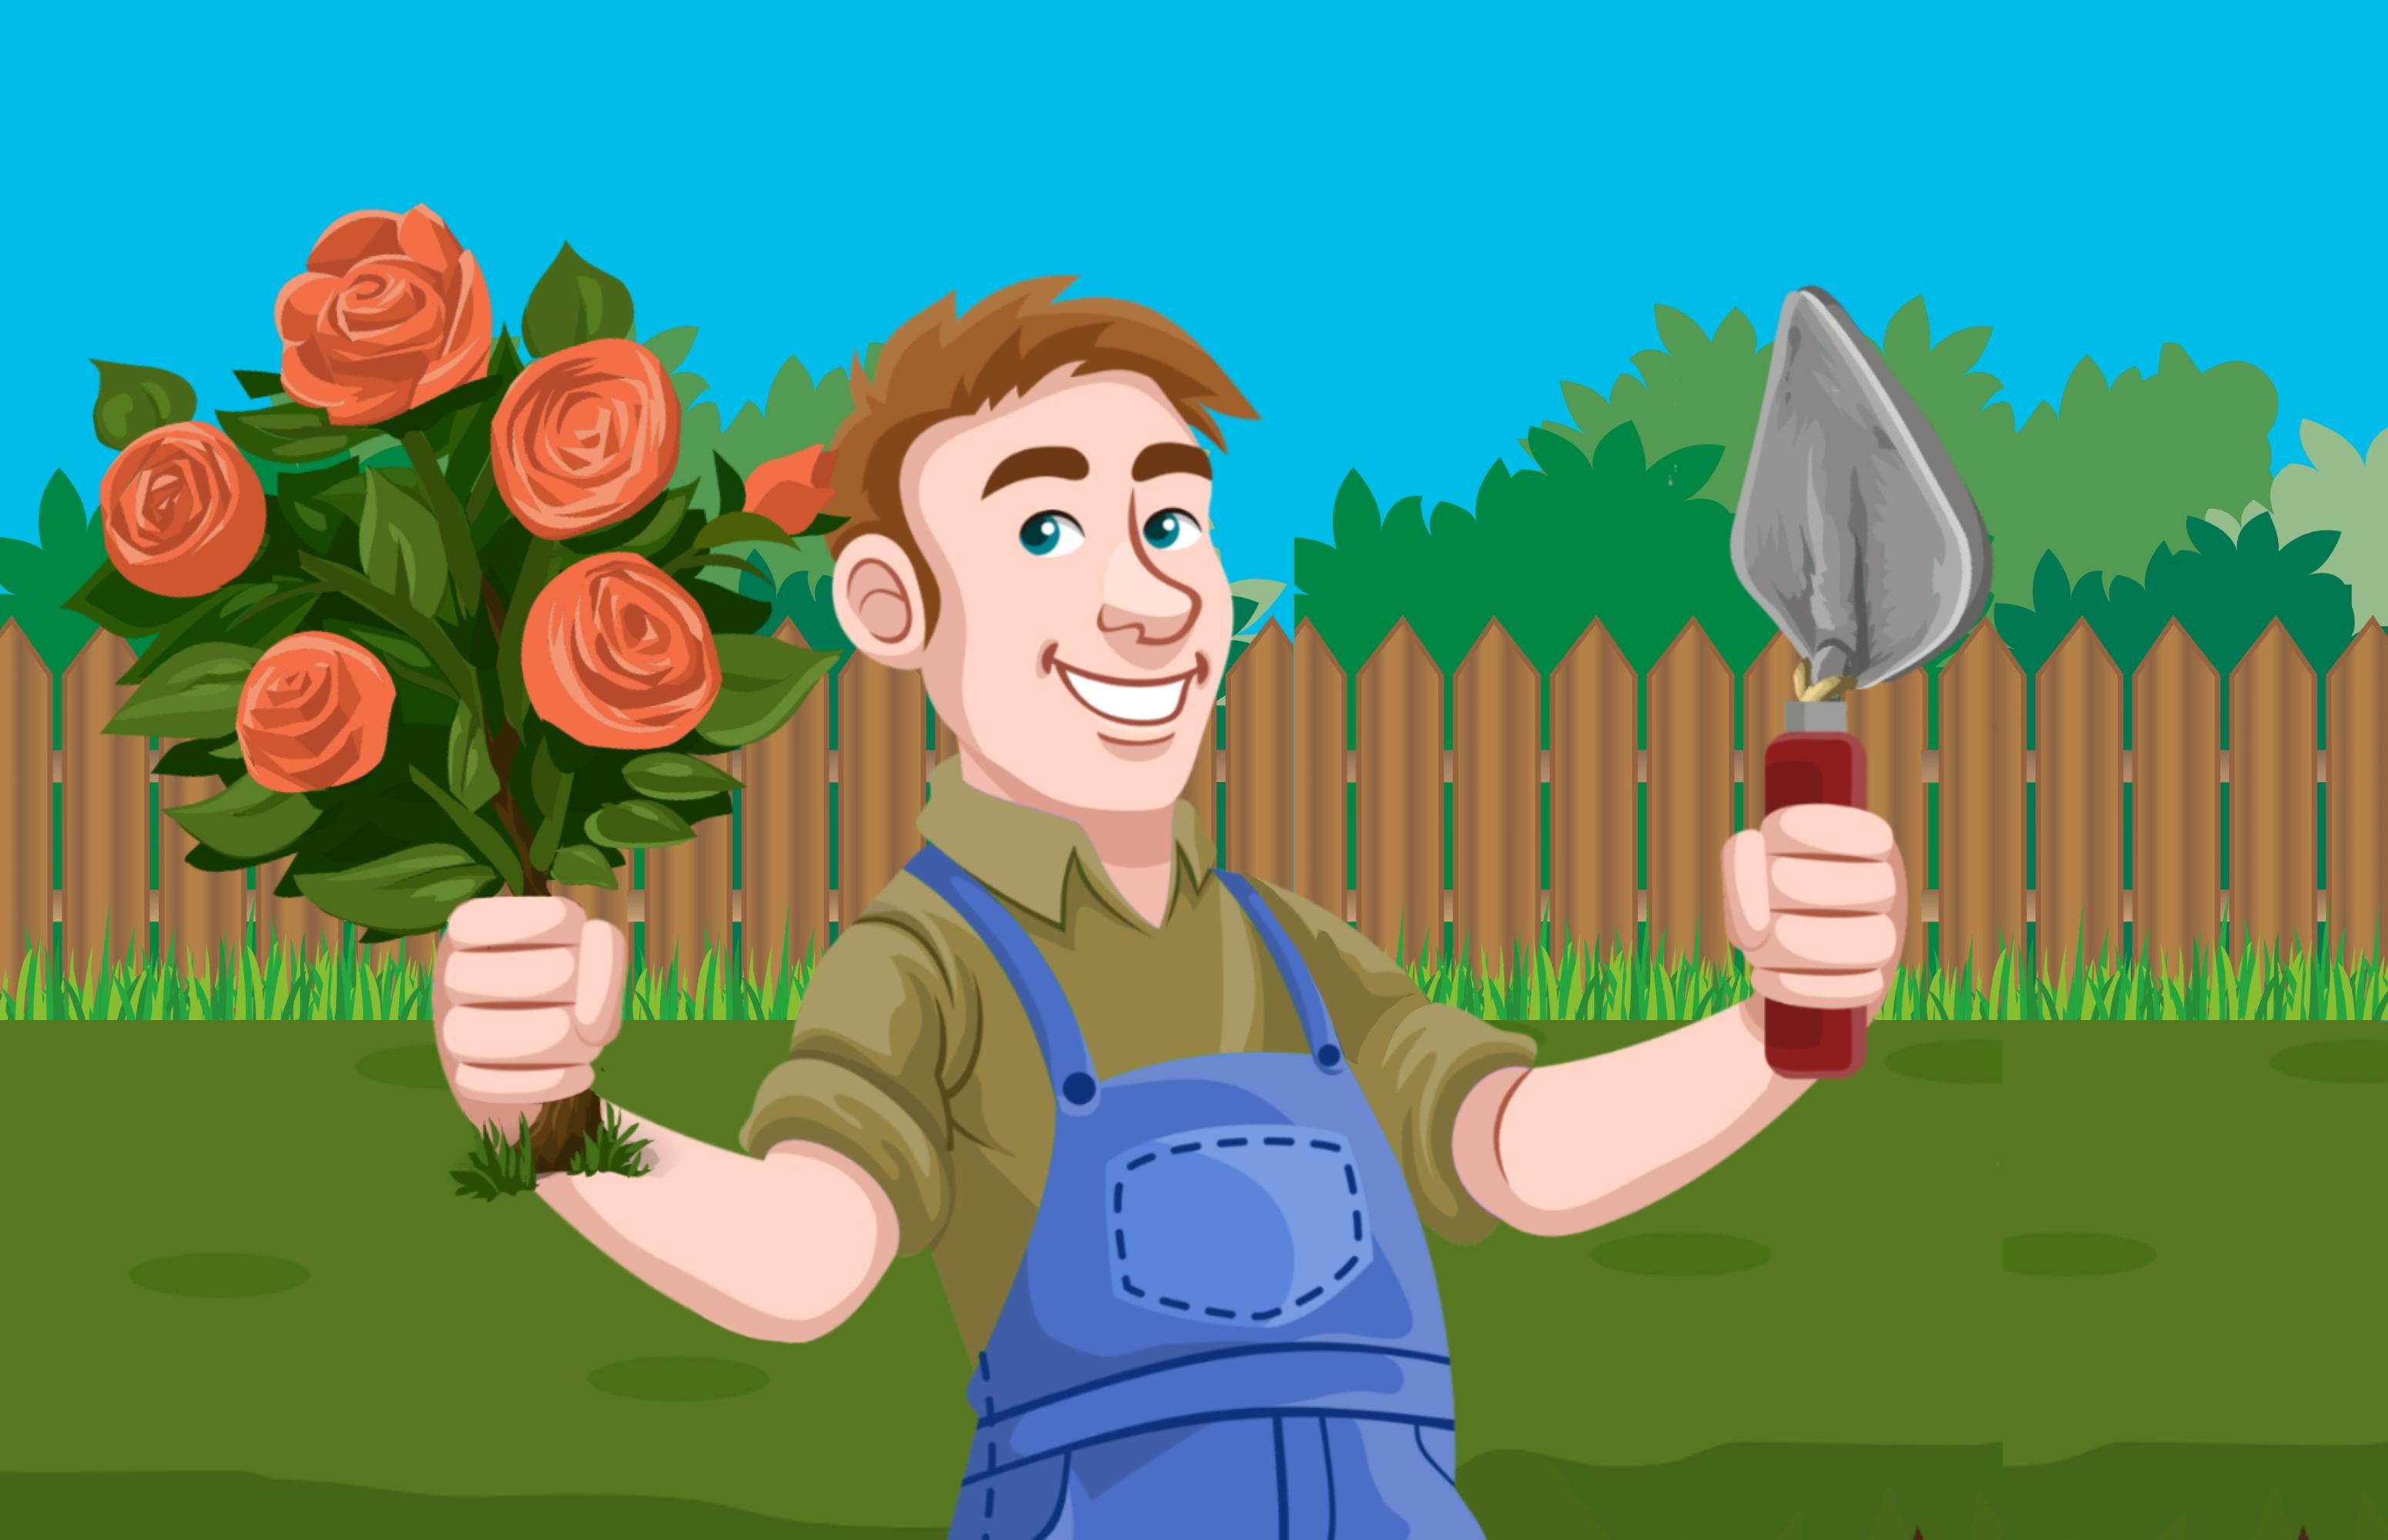 Gambar Tukang Kebun Penanaman Menanam Manusia Pohon Berkebun Pemeliharaan Senang Pekerja Profesional Taman Alam Kerja Hijau Penjual Bunga Alat Pekerjaan Peduli Seragam Halaman Tanah Pertanian Gambar Kartun Ilustrasi Animated